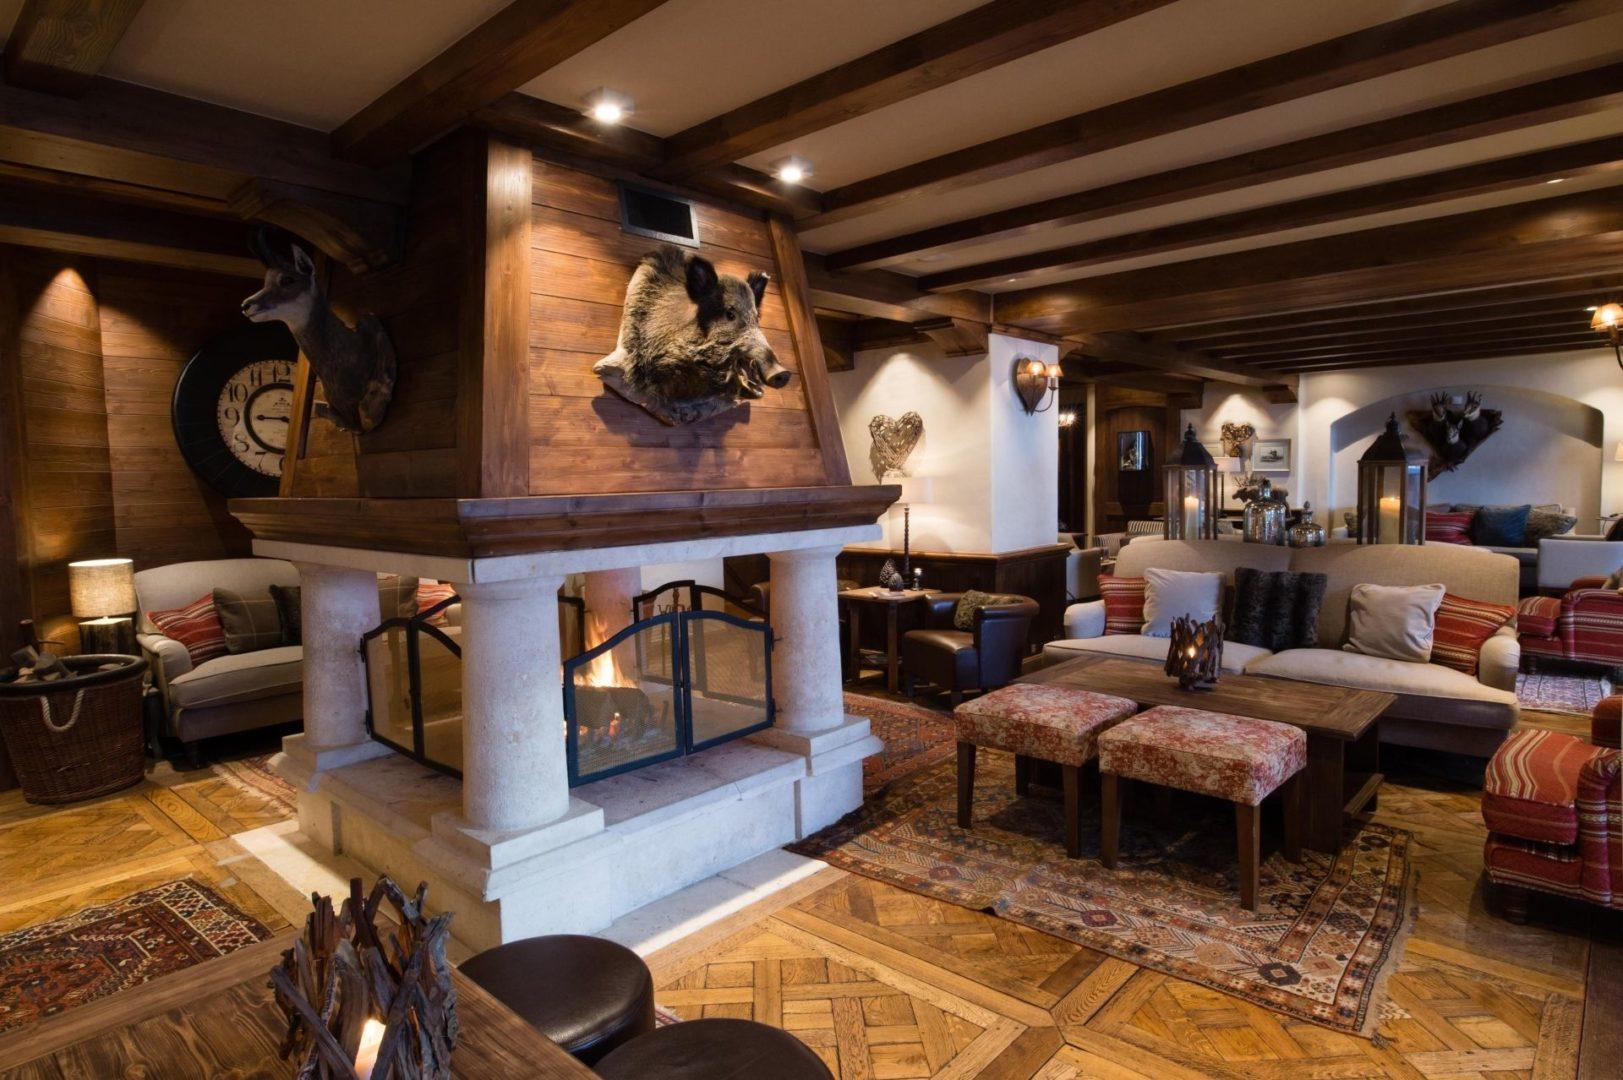 Lounge area fireplace